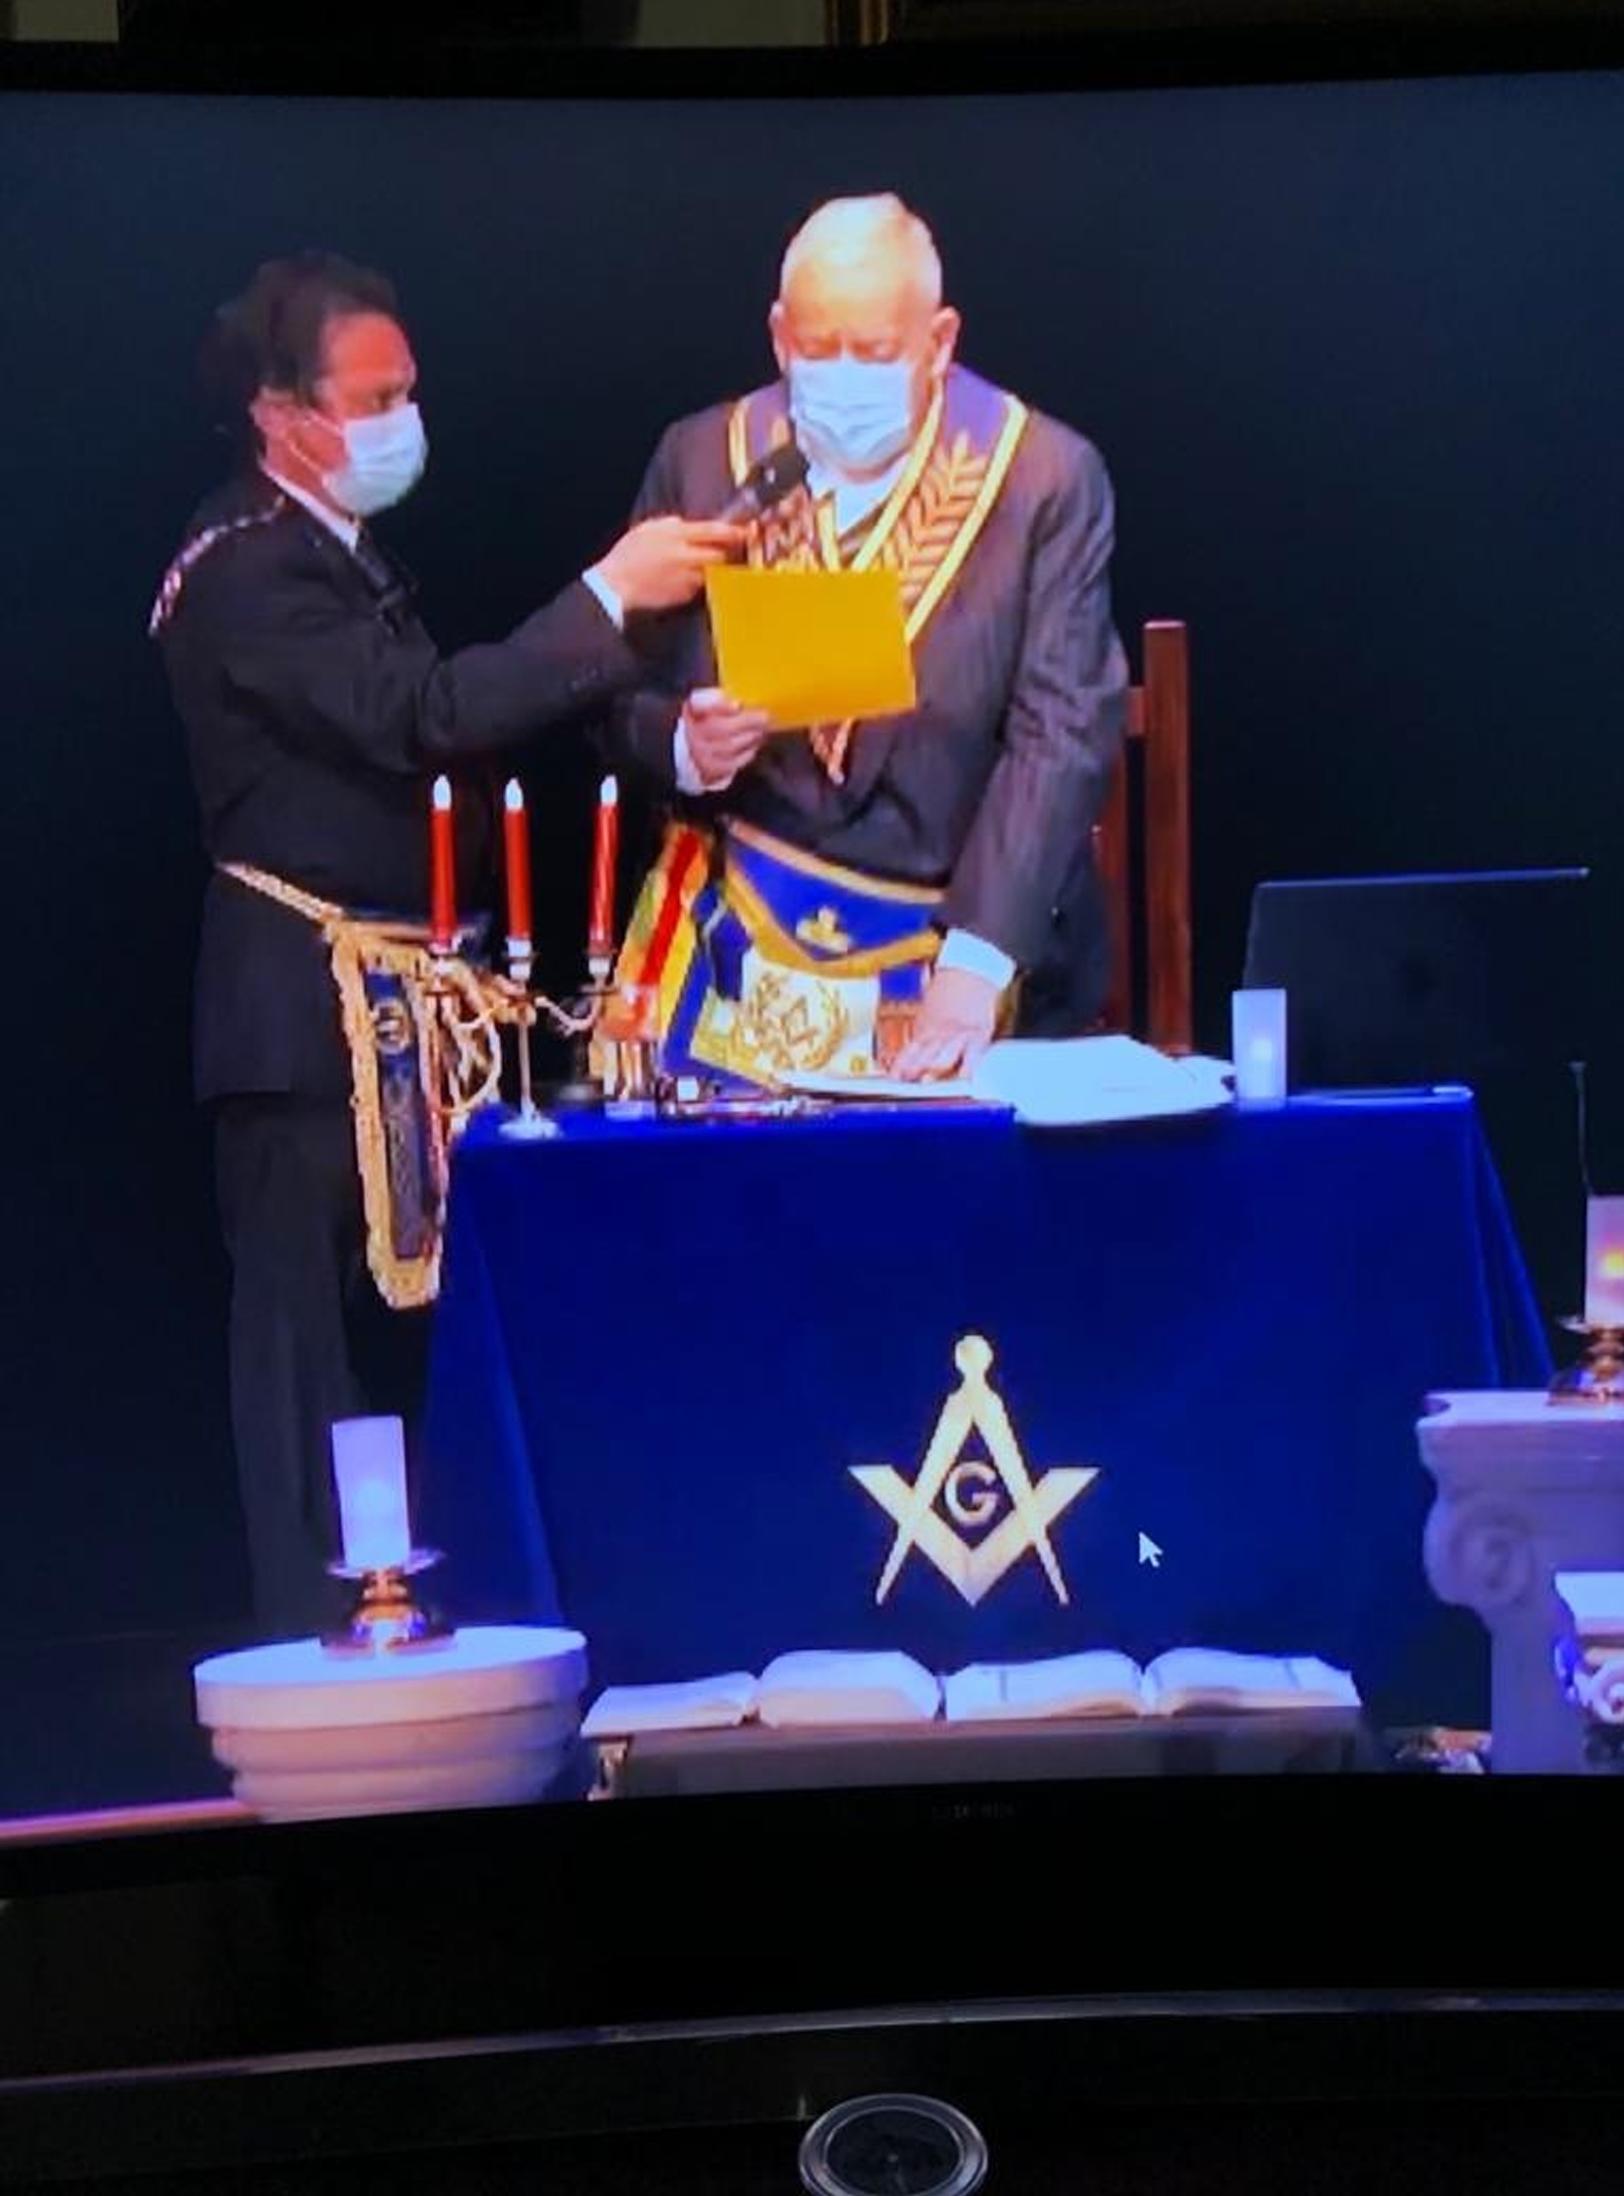 Revoluție în Masonerie: Manole Iosiper, noul Mare Maestru! Doctorul Bălănescu, înlocuit pentru fraudă și abuz! (foto arhivă personală)